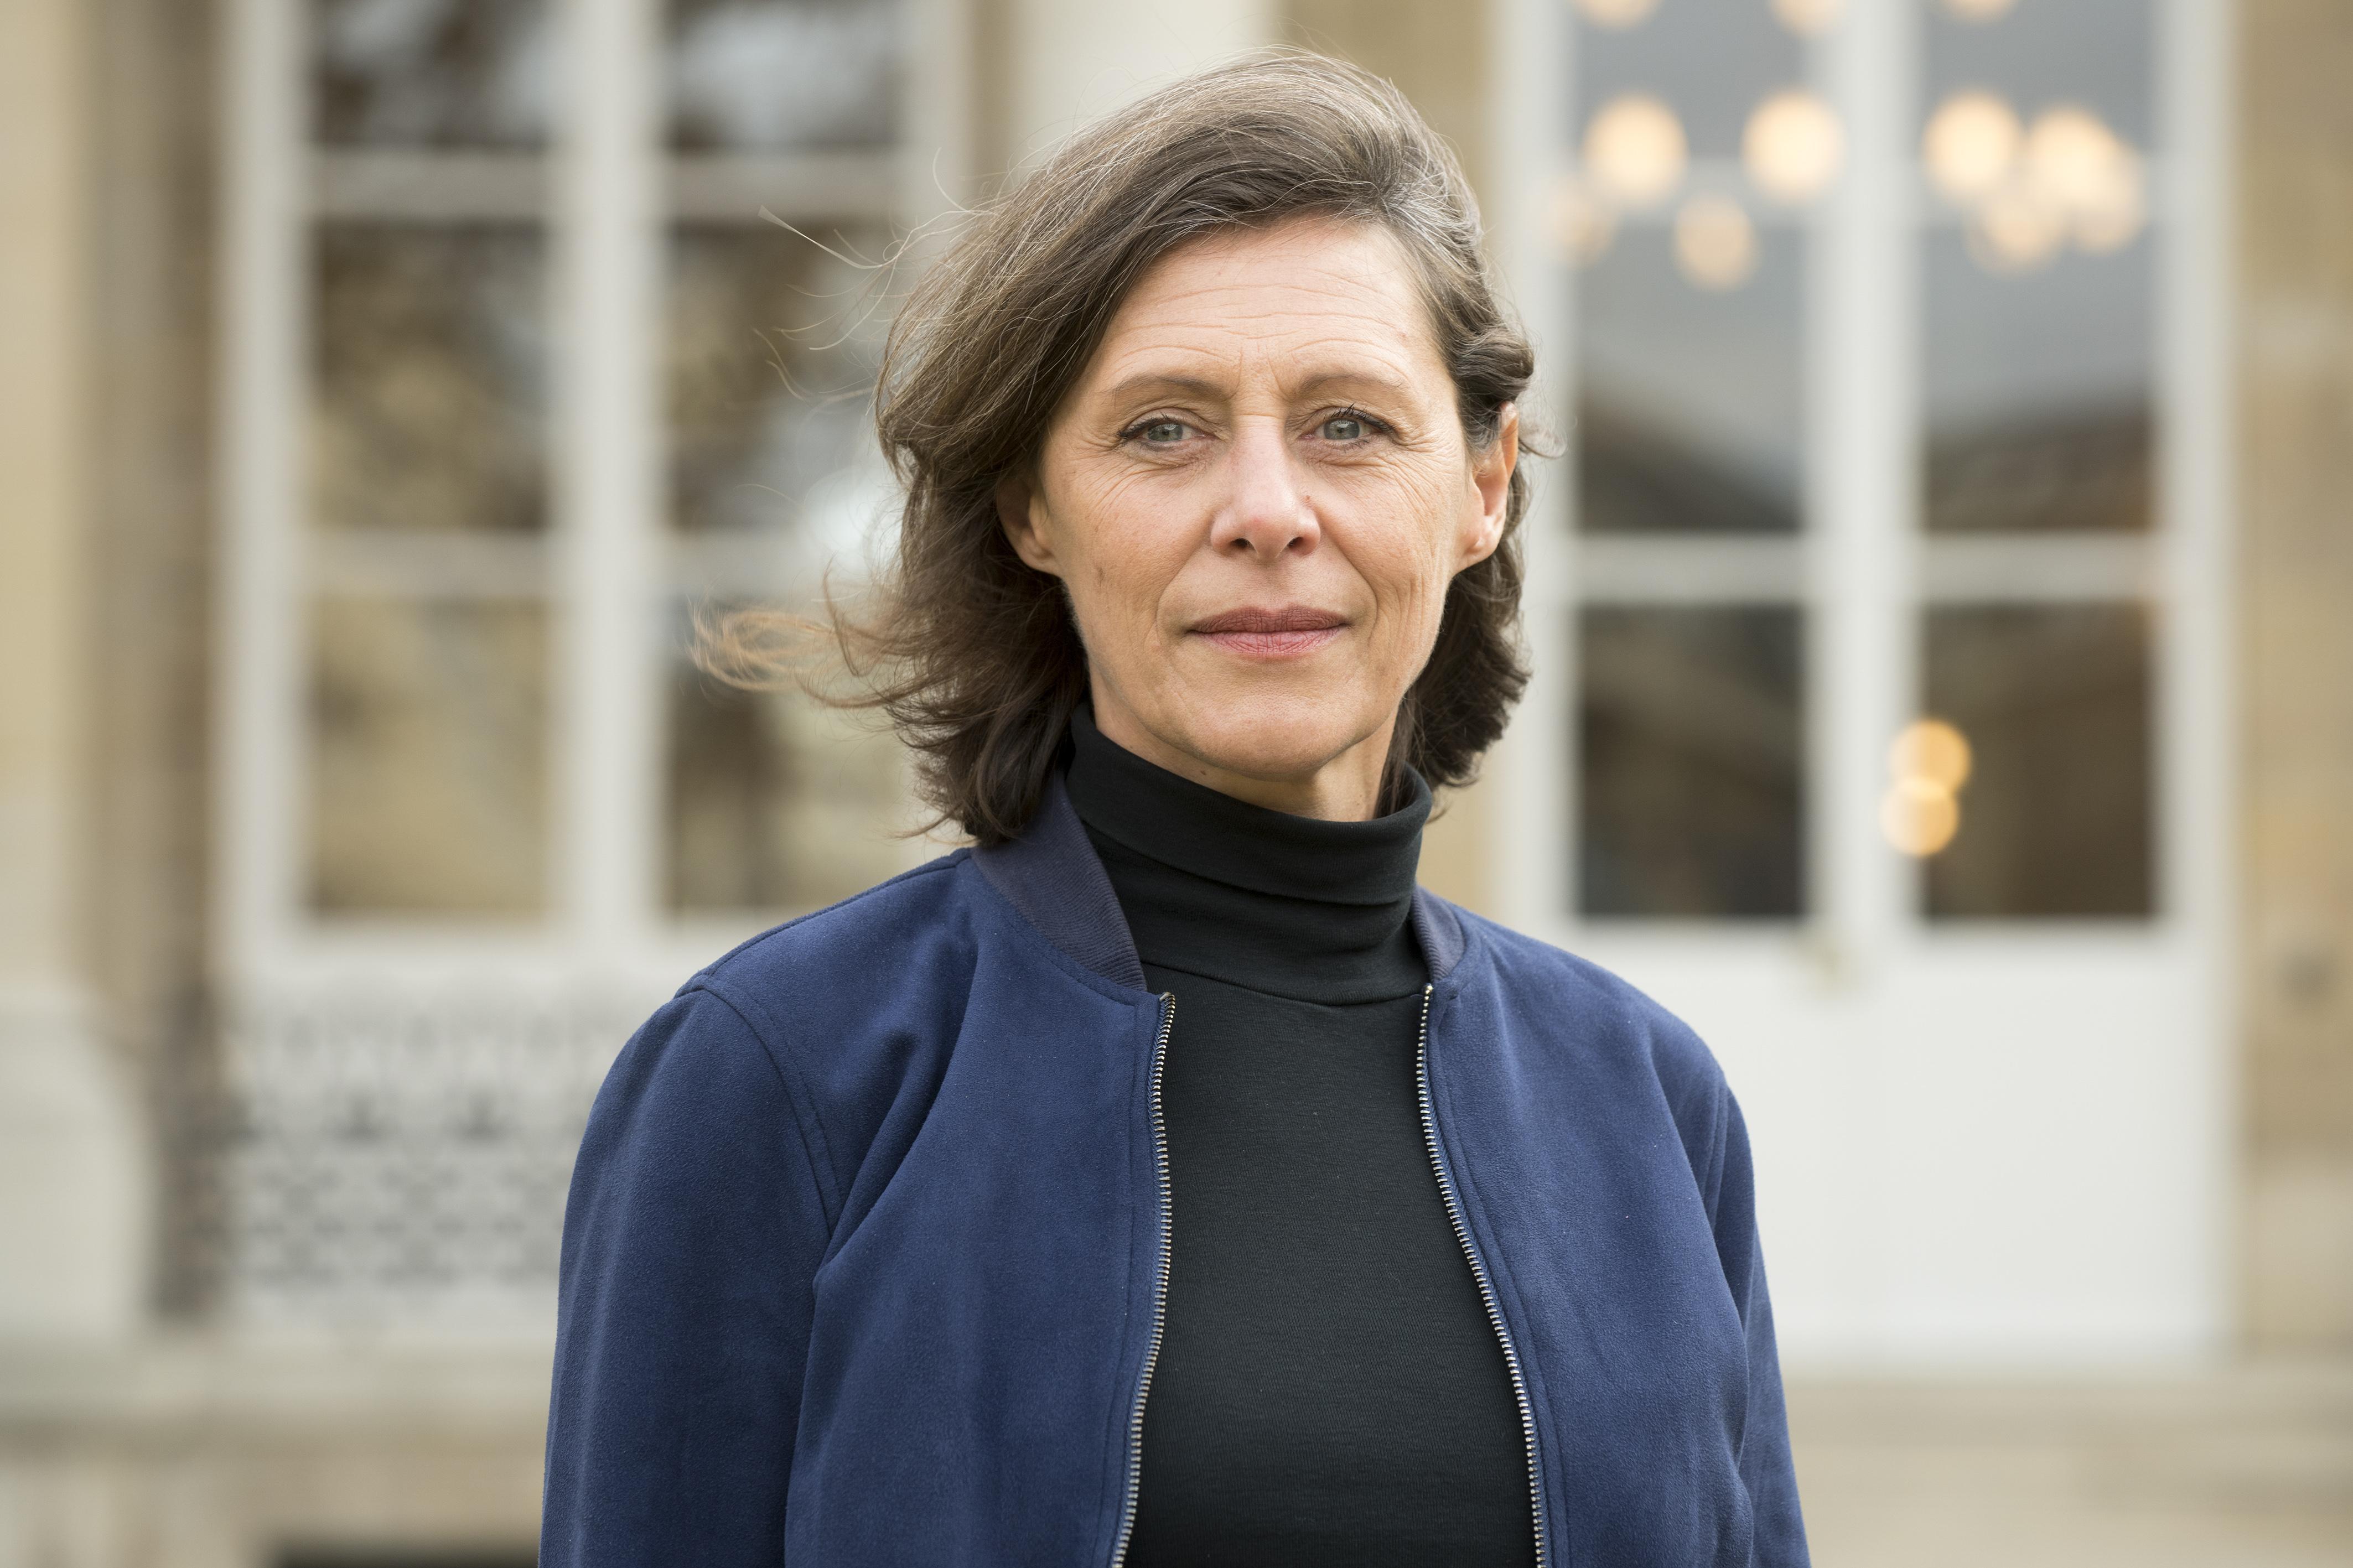 """Sur le JDE : """"3 questions à Florence Provendier sur le projet de loi anti-gaspillage pour une économie circulaire"""""""